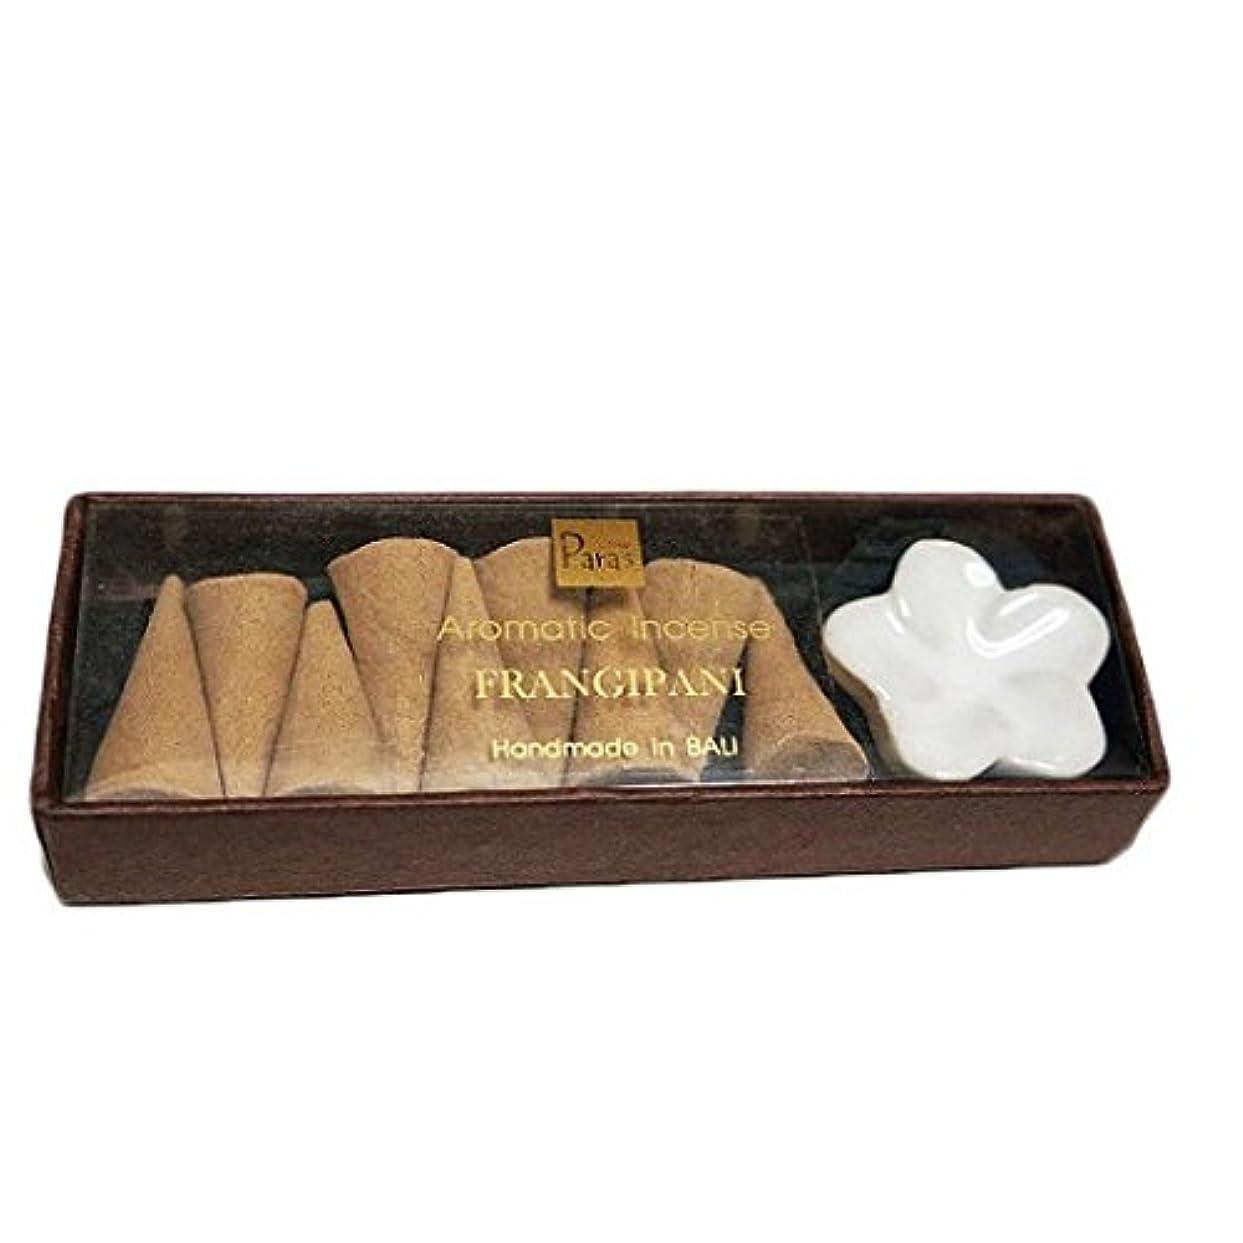 オール真面目な音フランジパニ お香セット【トコパラス TOKO PARAS】バリ島 フランジパニの陶器のお香立て付き ナチュラルハンドメイドのお香